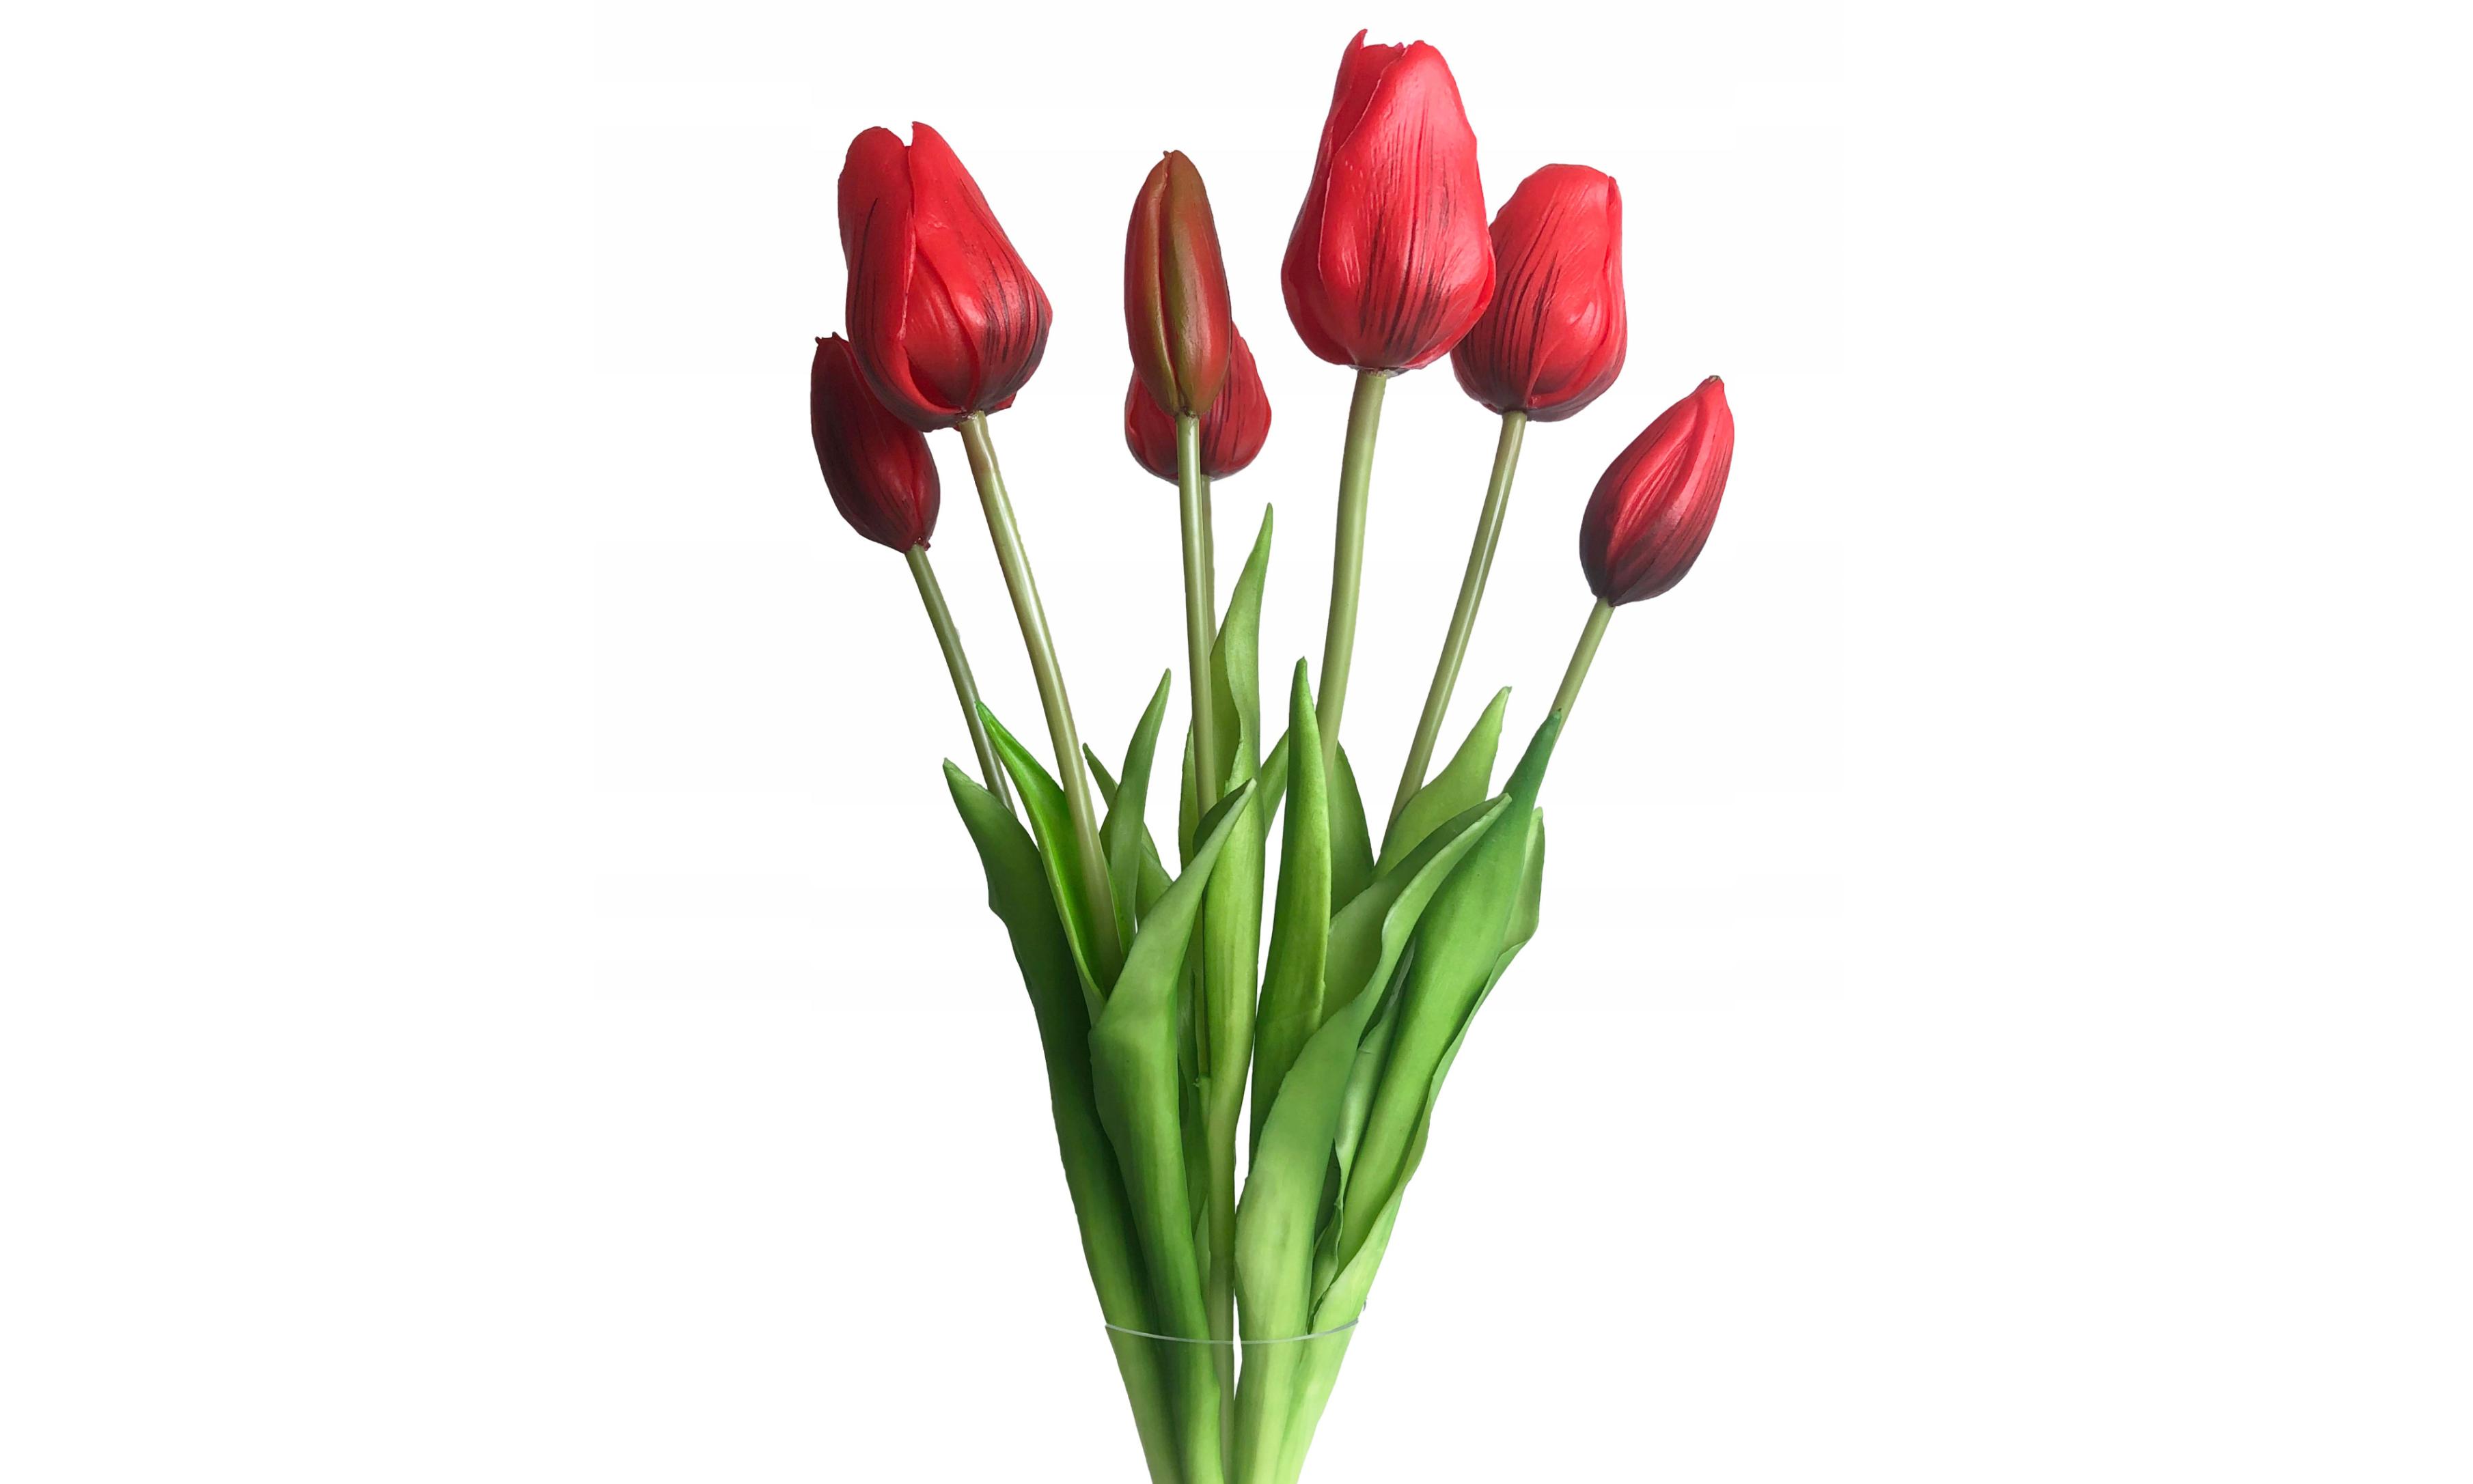 tulip-photo-154